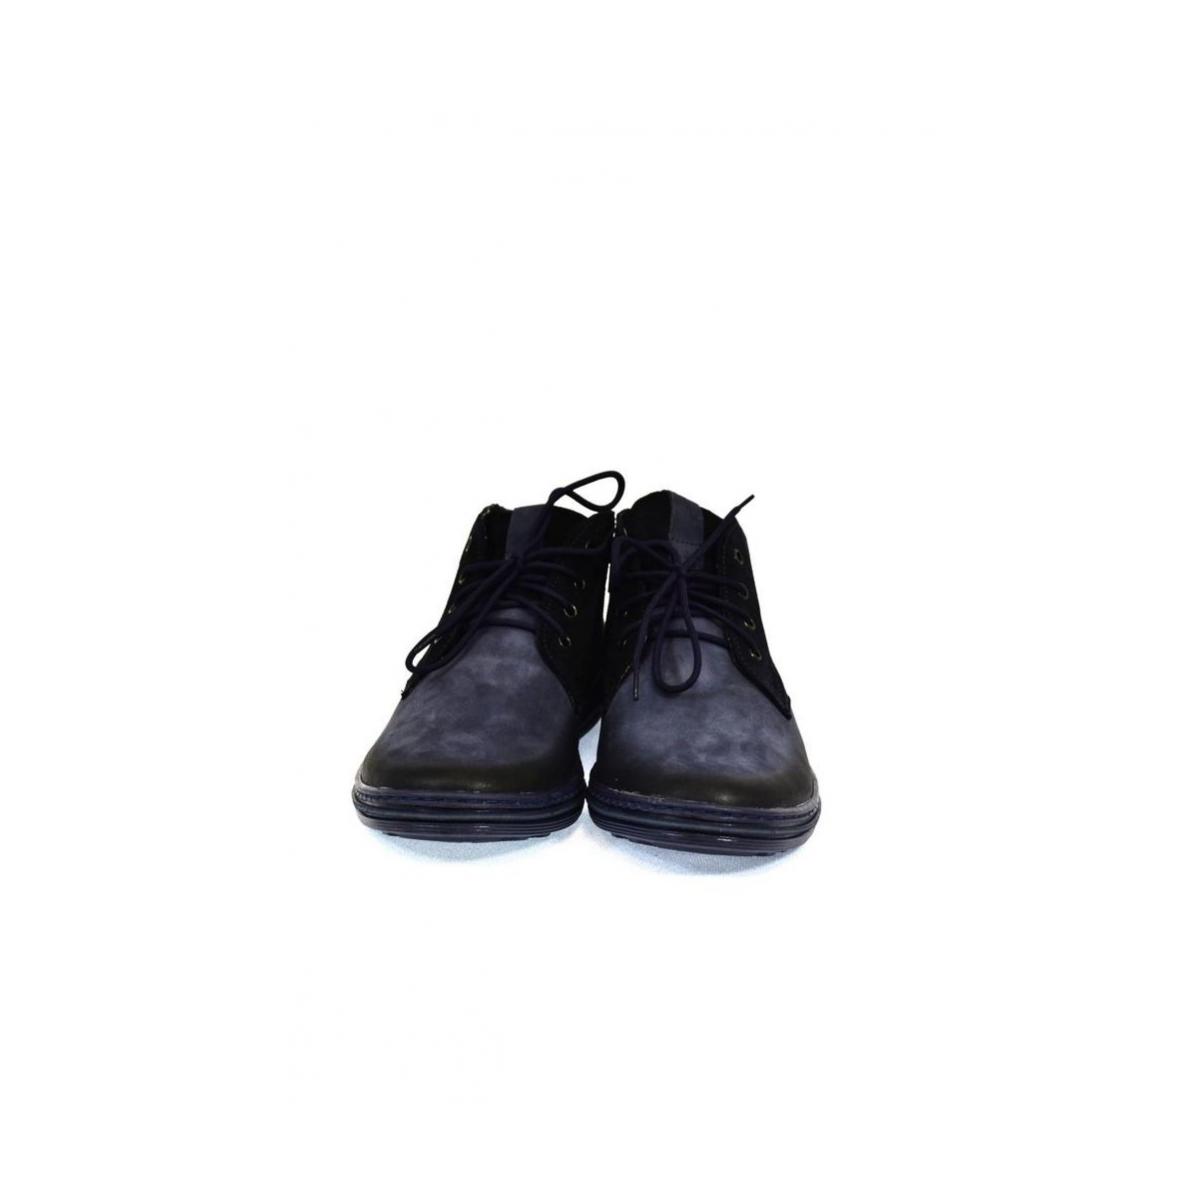 7b59684c59 Pánske kožené modré zimné topánky IZIDOR - 3